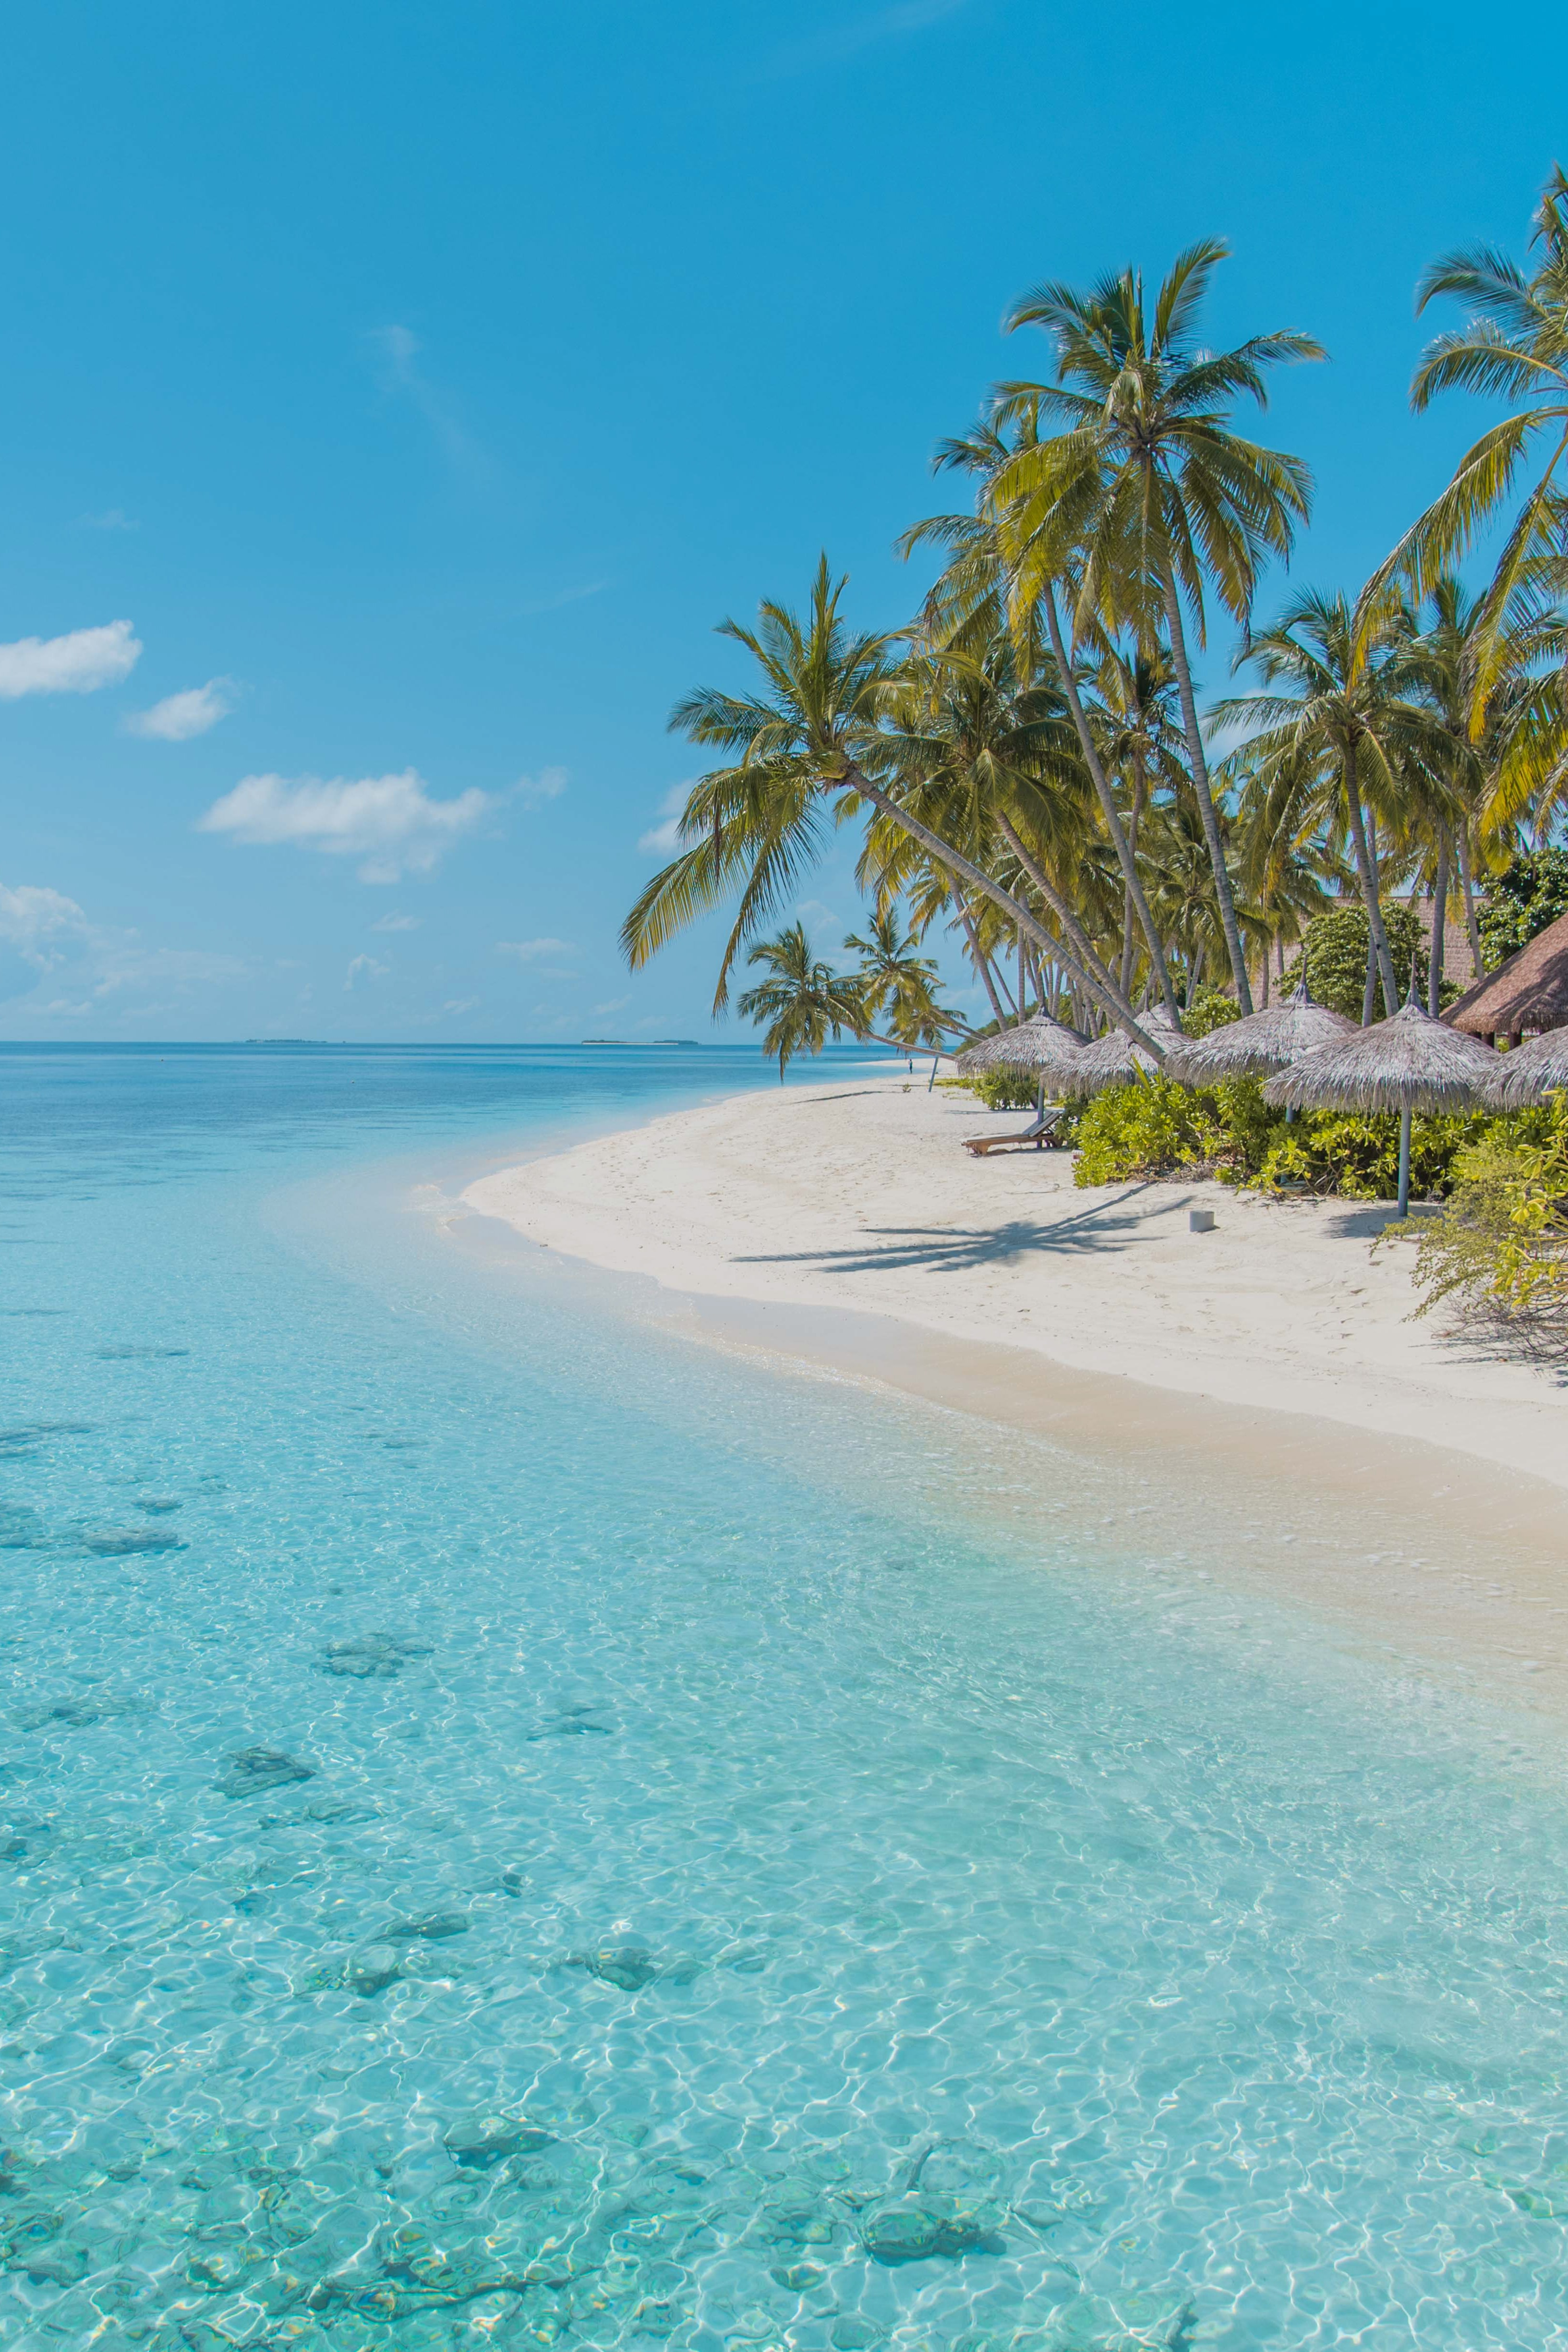 Популярные картинки Пляж в HD качестве